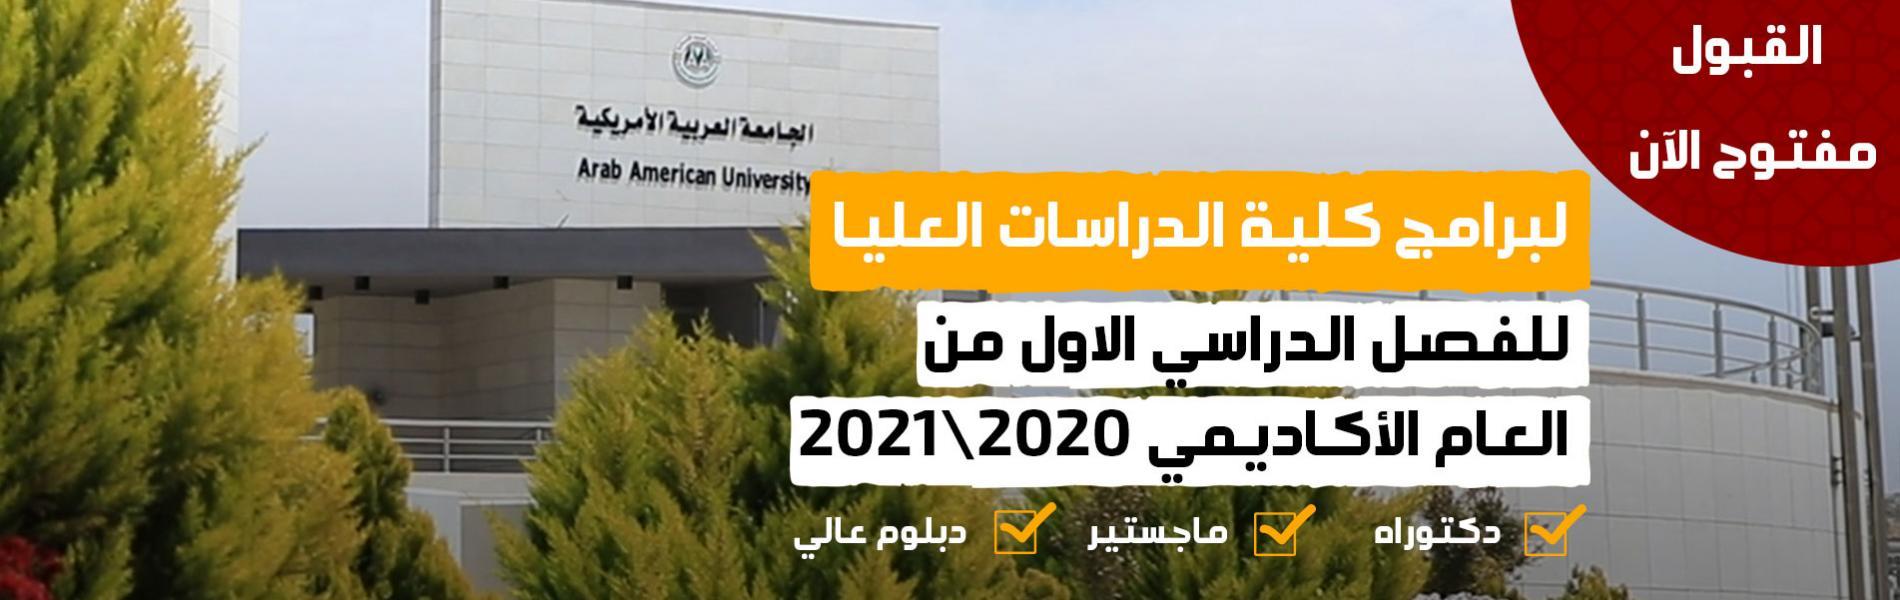 الإعلان عن بدء قبول طلبات الالتحاق في برامج كلية الدراسات العليا للفصل الدراسي الأول من العام الأكاديمي 2020\2021